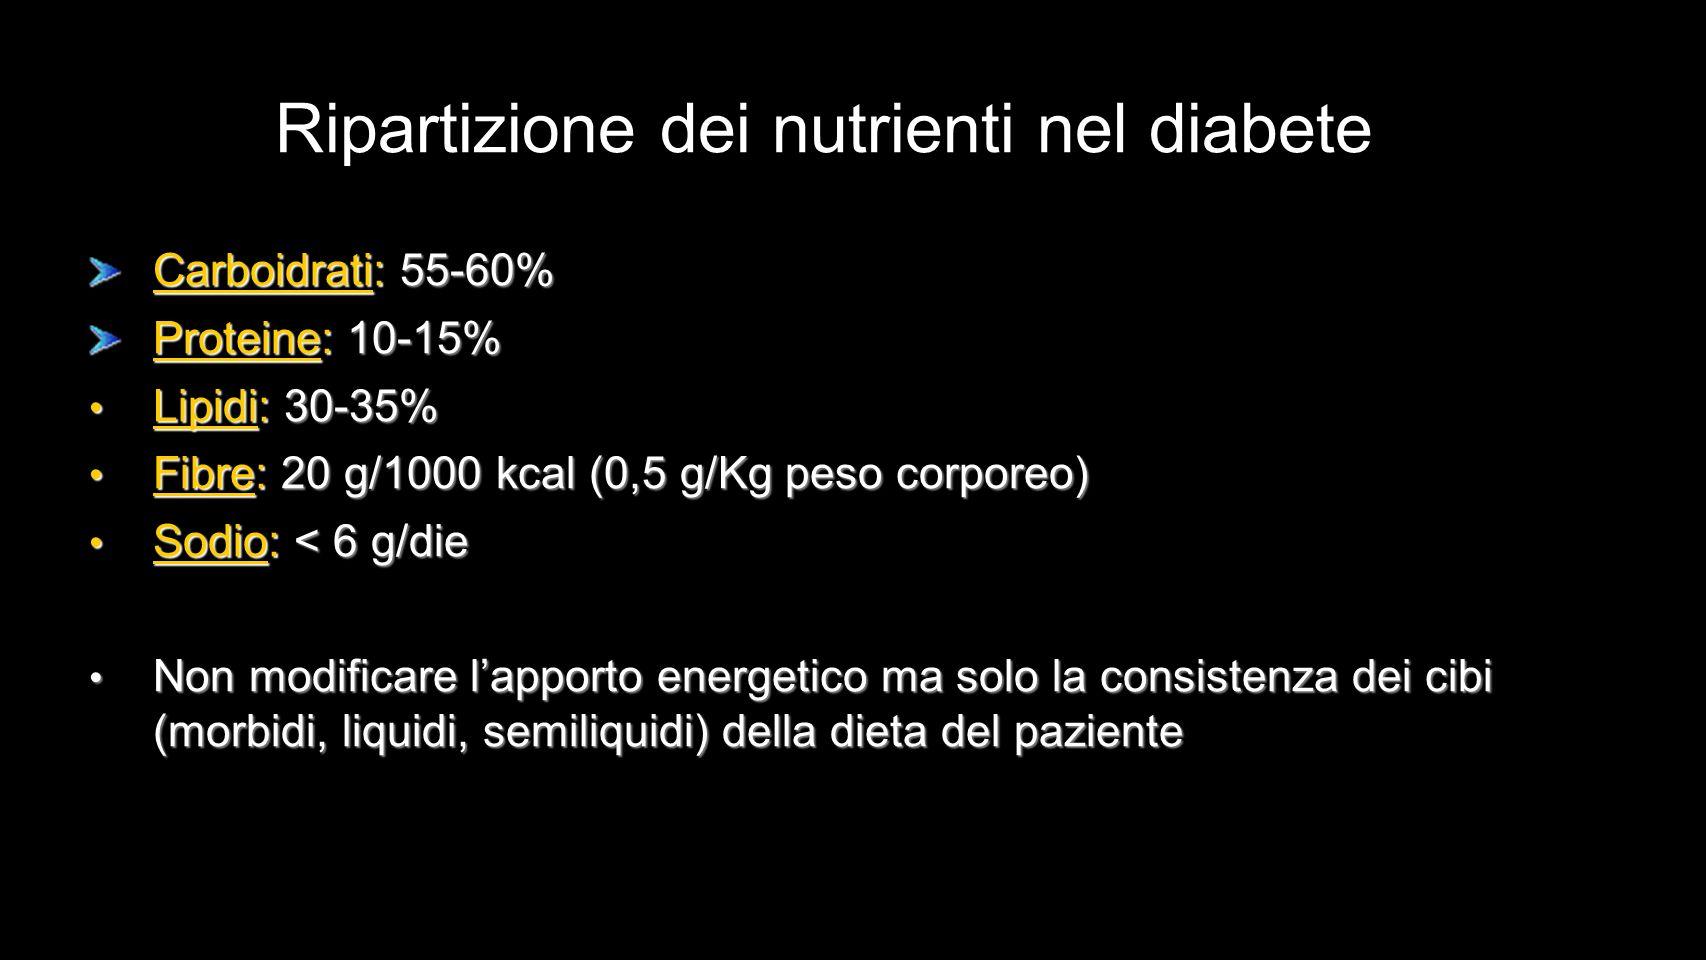 Ripartizione dei nutrienti nel diabete